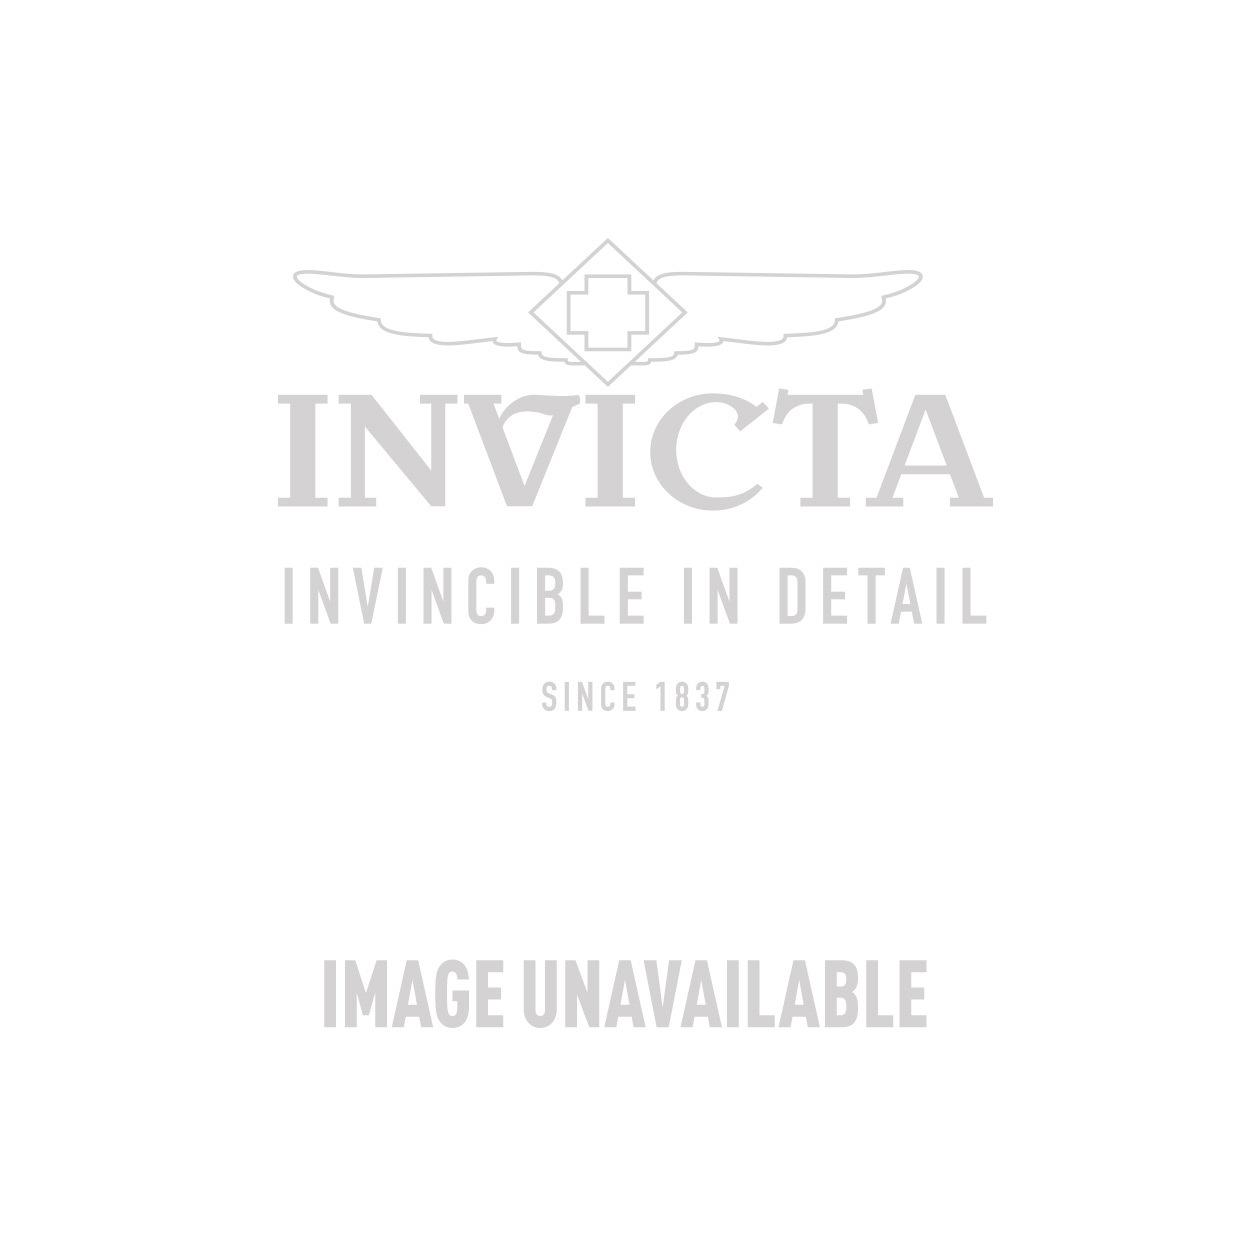 Invicta Model 23916